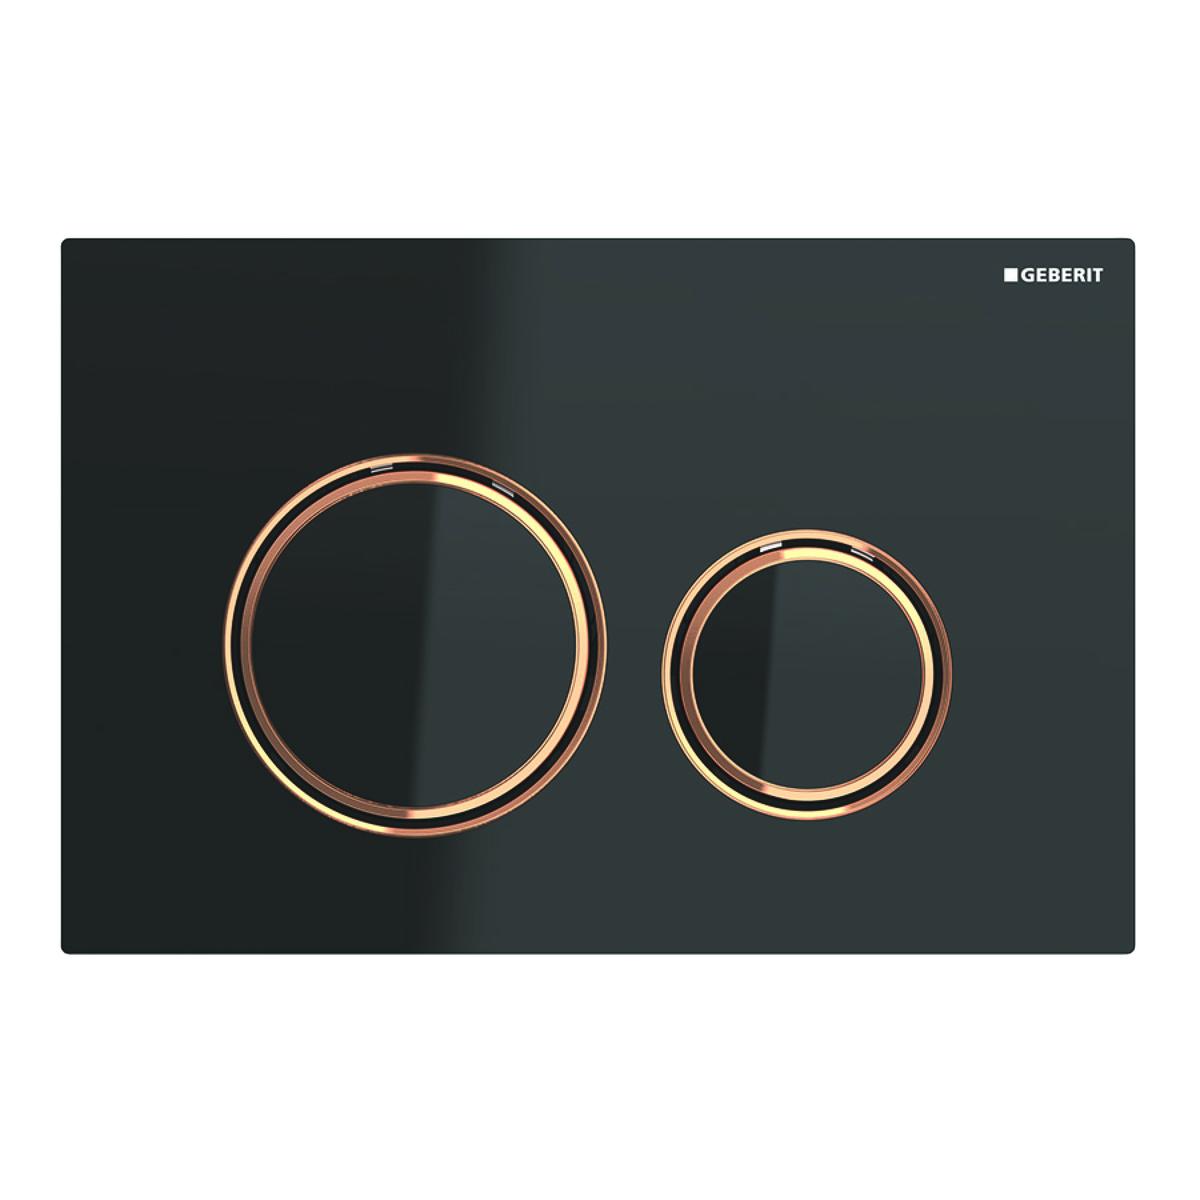 Geberit Sigma21 bedieningspaneel 2-knops, plaat zwart, knoppen zwart, randen roodgoud